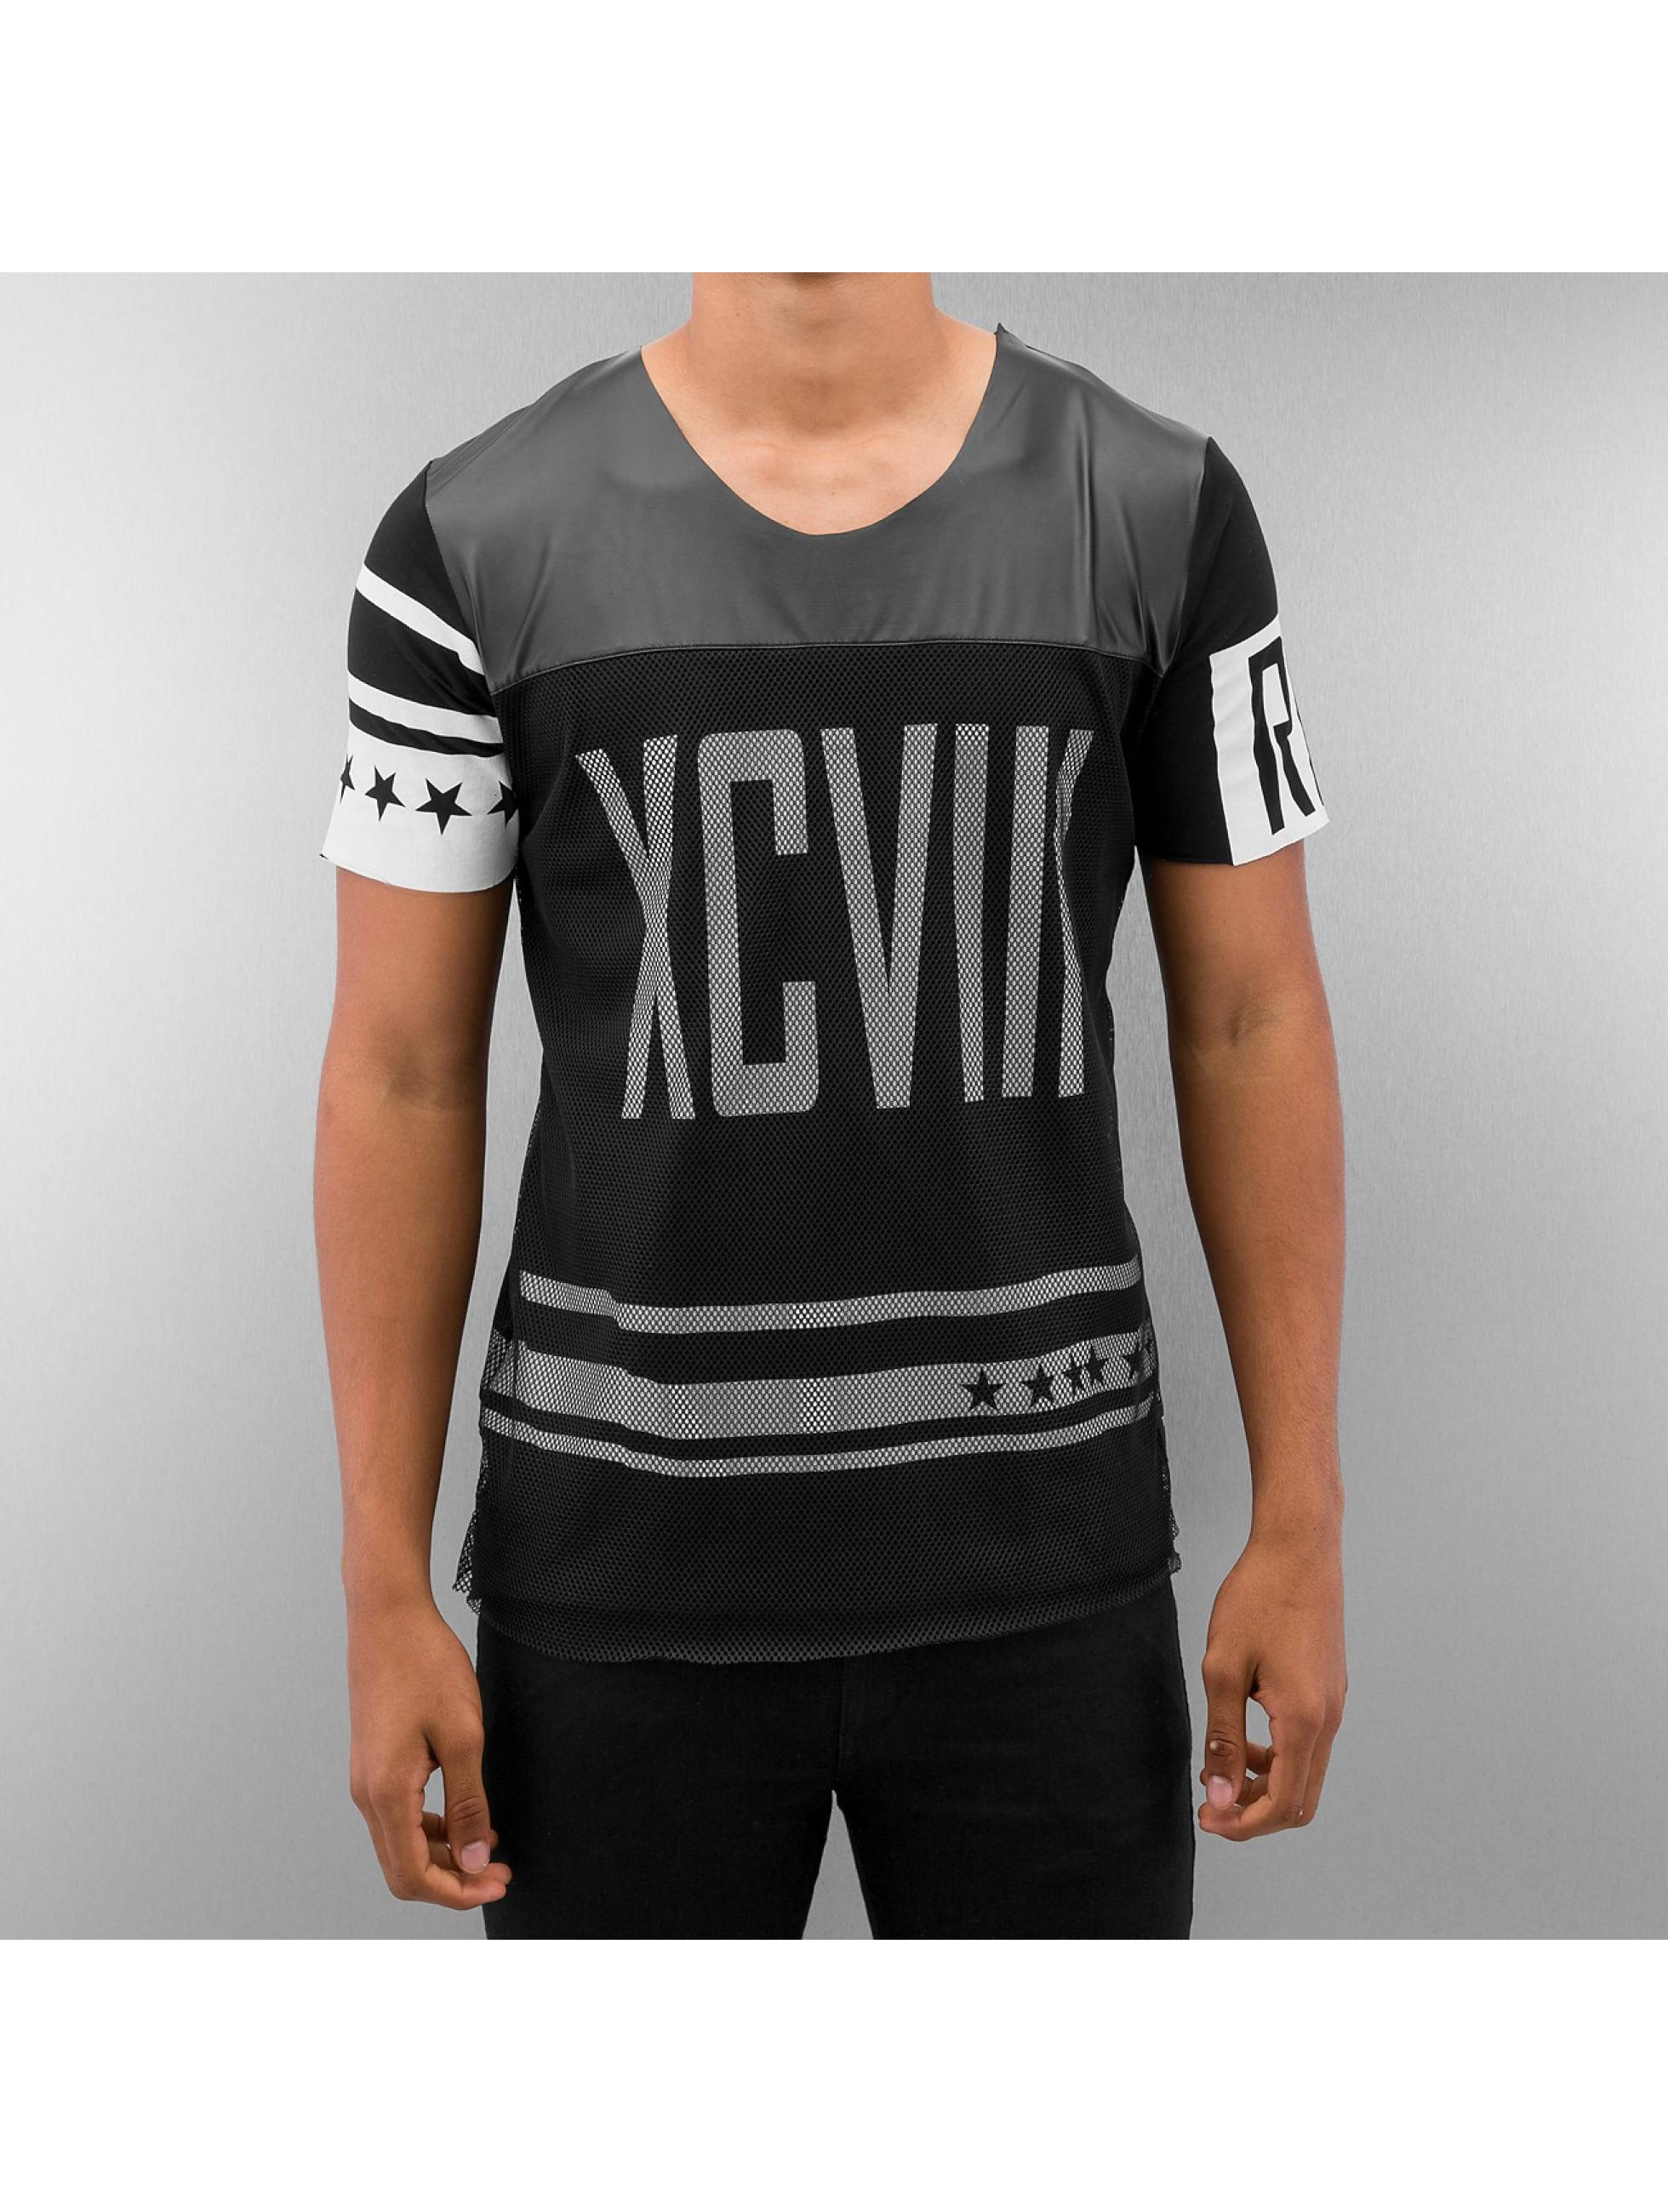 Red Bridge Männer T-Shirt XCVIII in schwarz